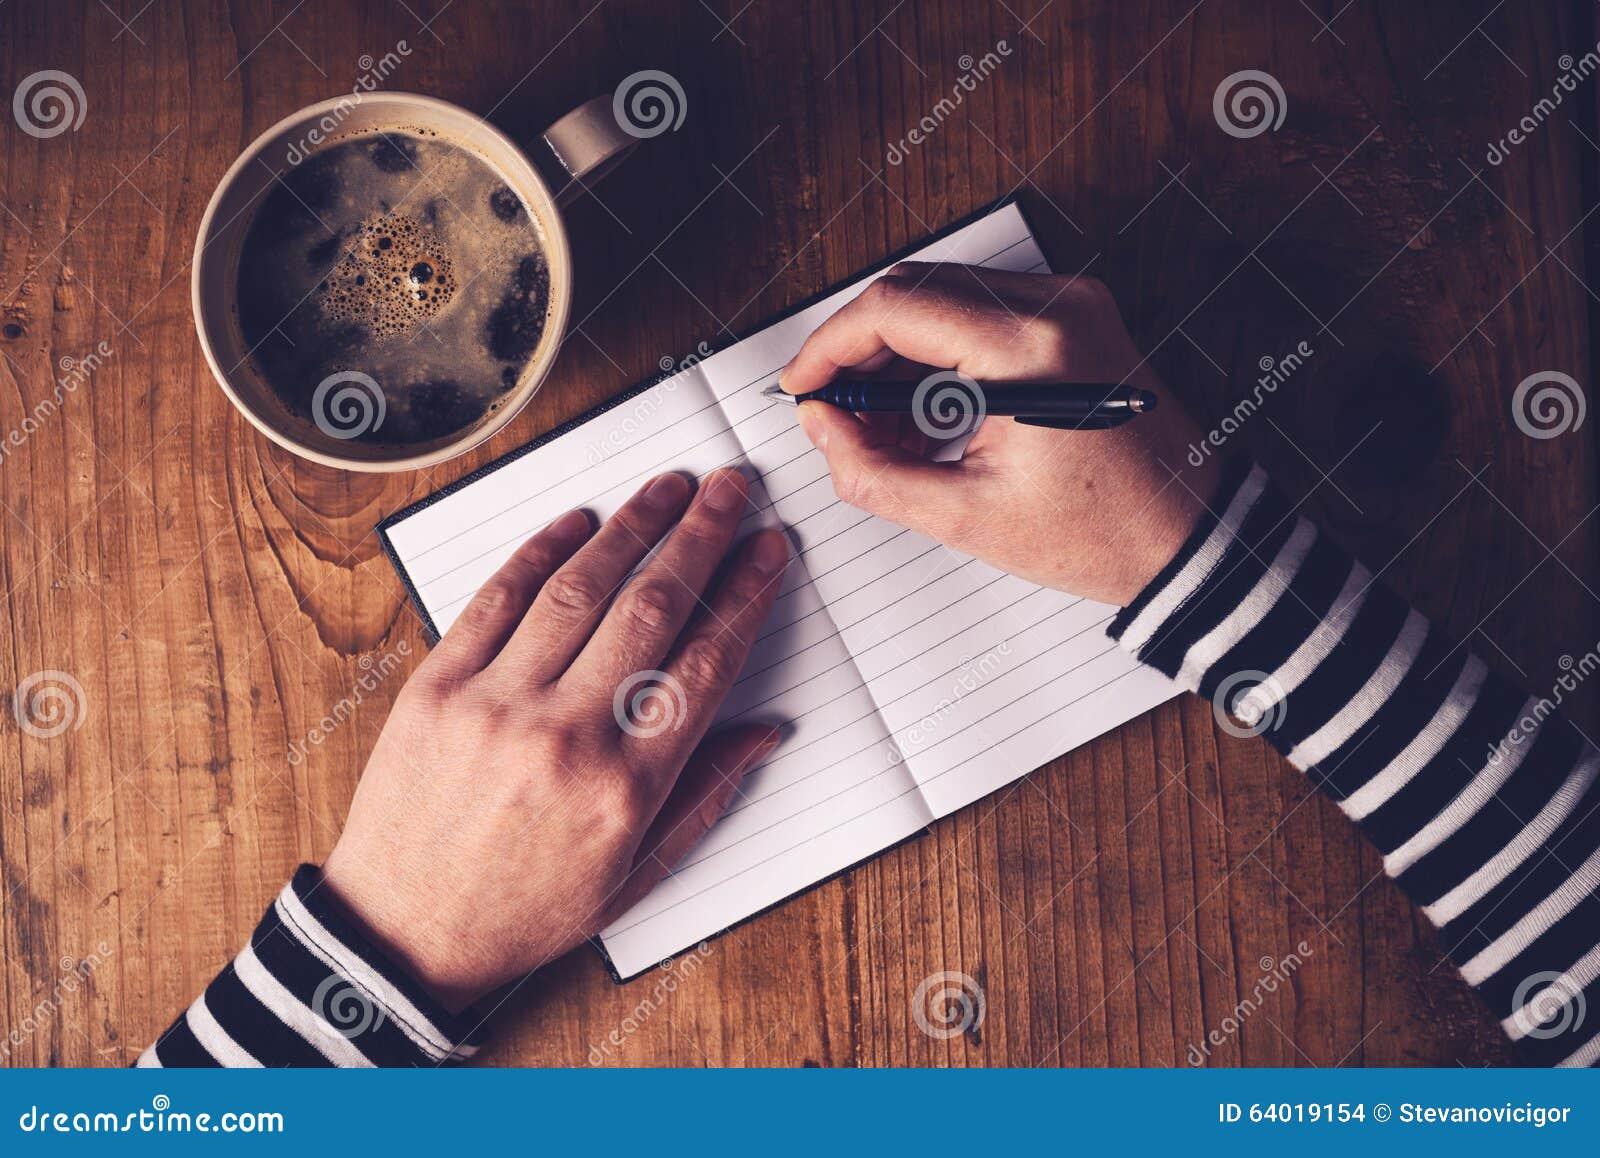 Kobieta pije kawę i pisze dzienniczek notatce